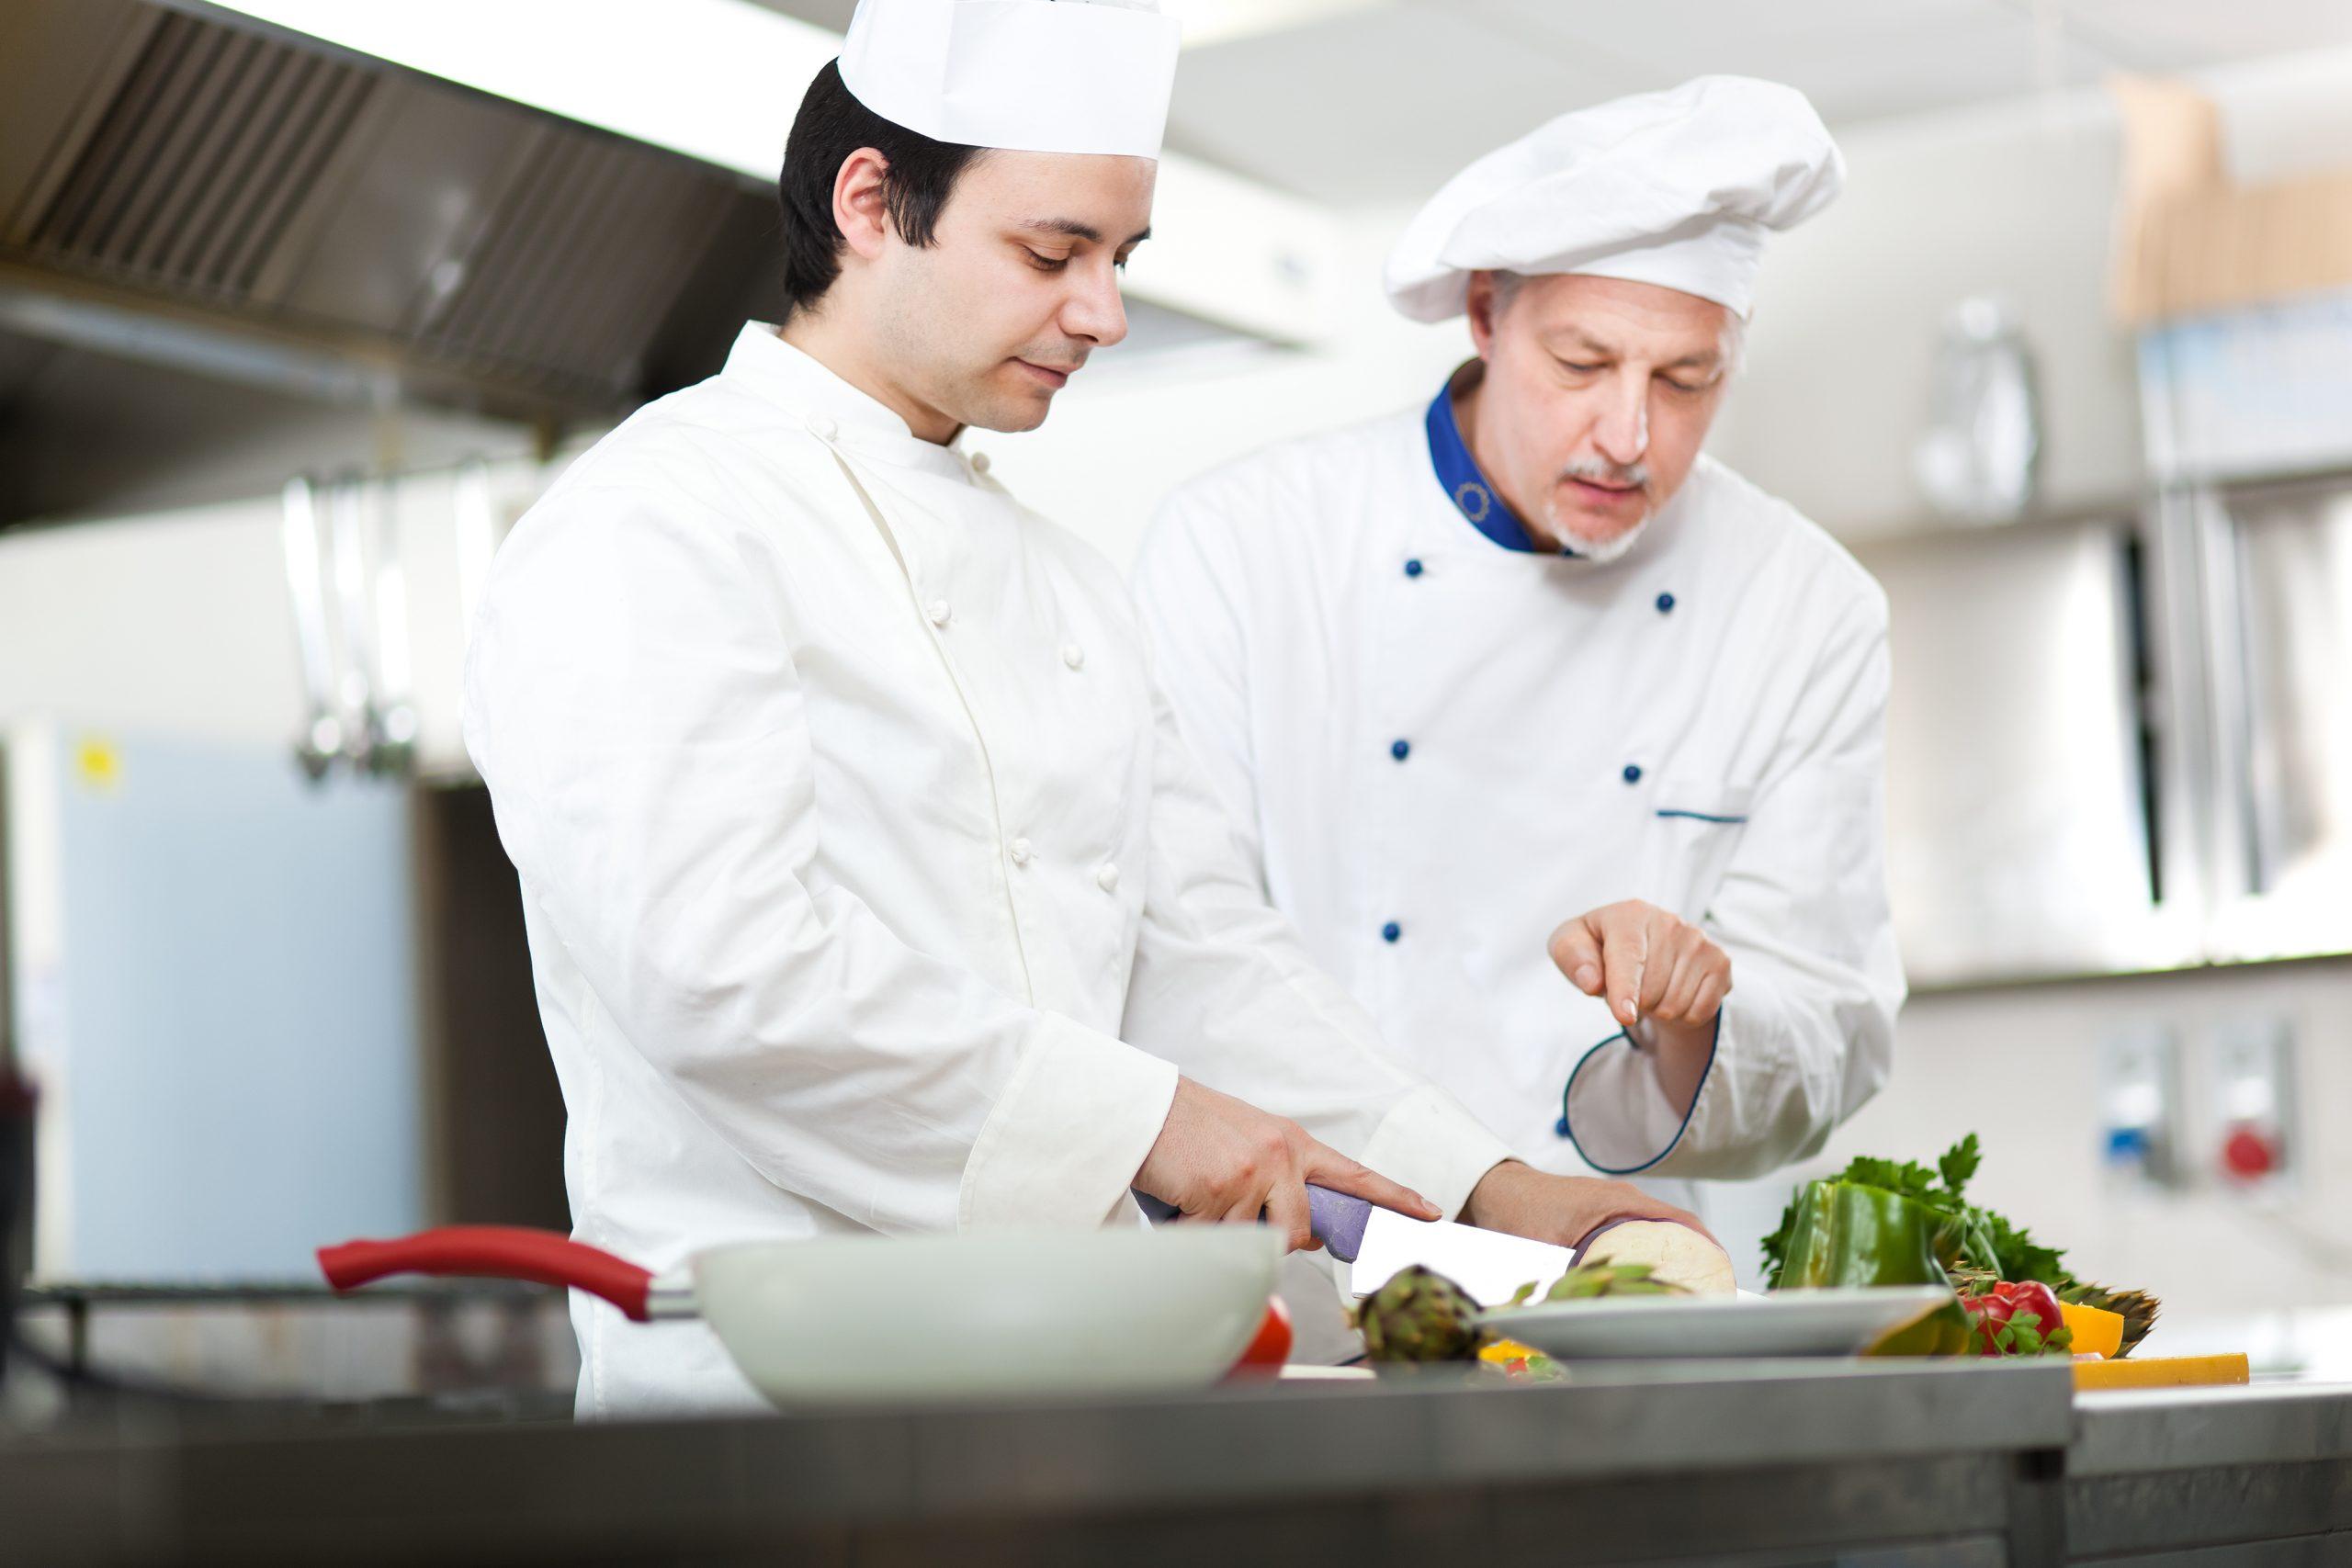 Membangun Kerjasama yang Baik antar Pegawai Restoran